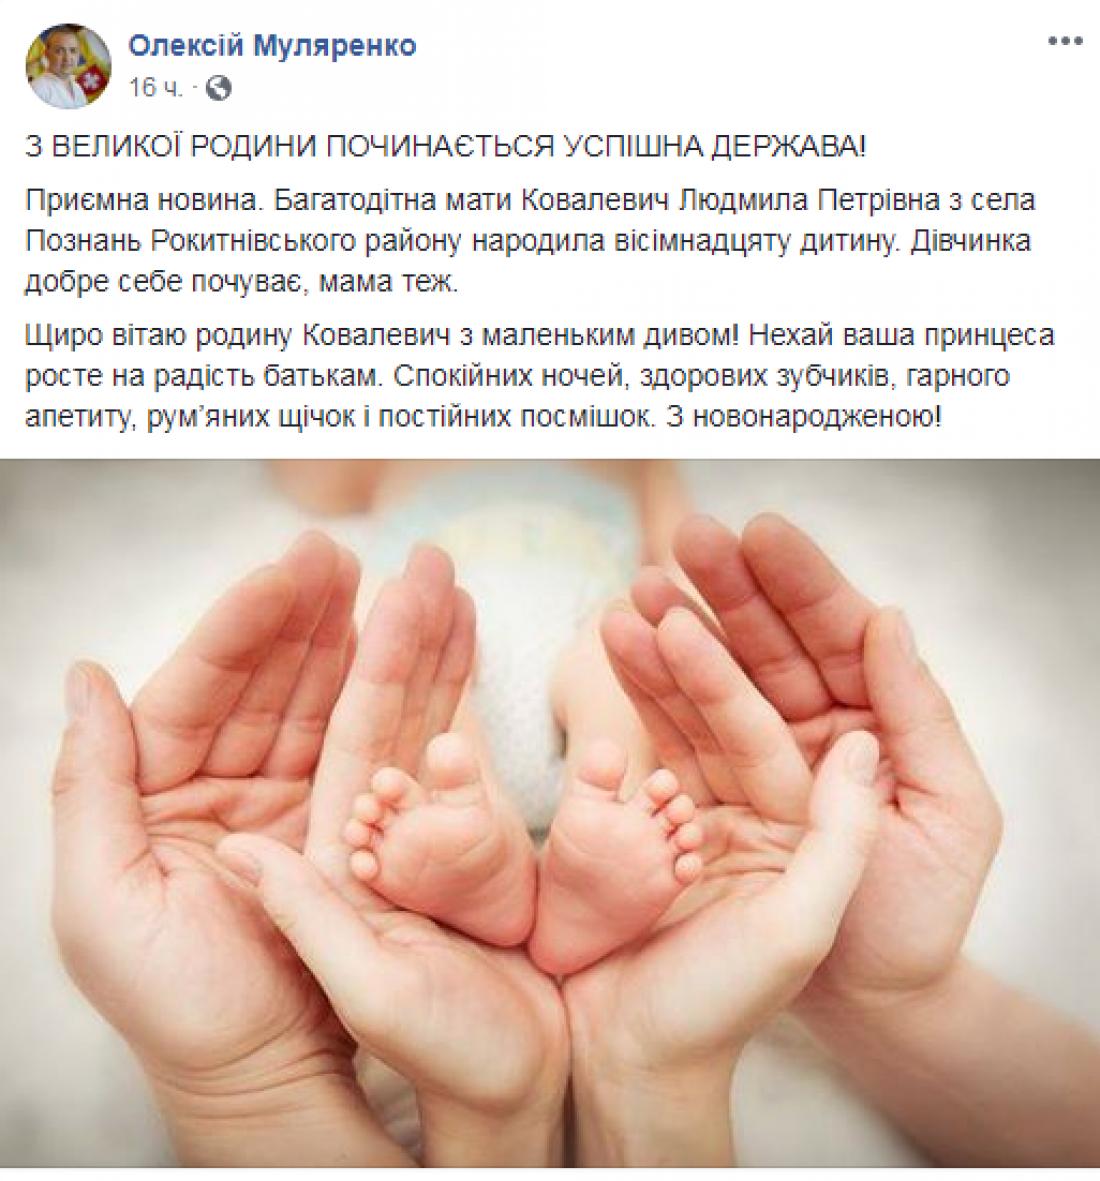 Губернатор написал душевные пожелания роженице и ее малышке